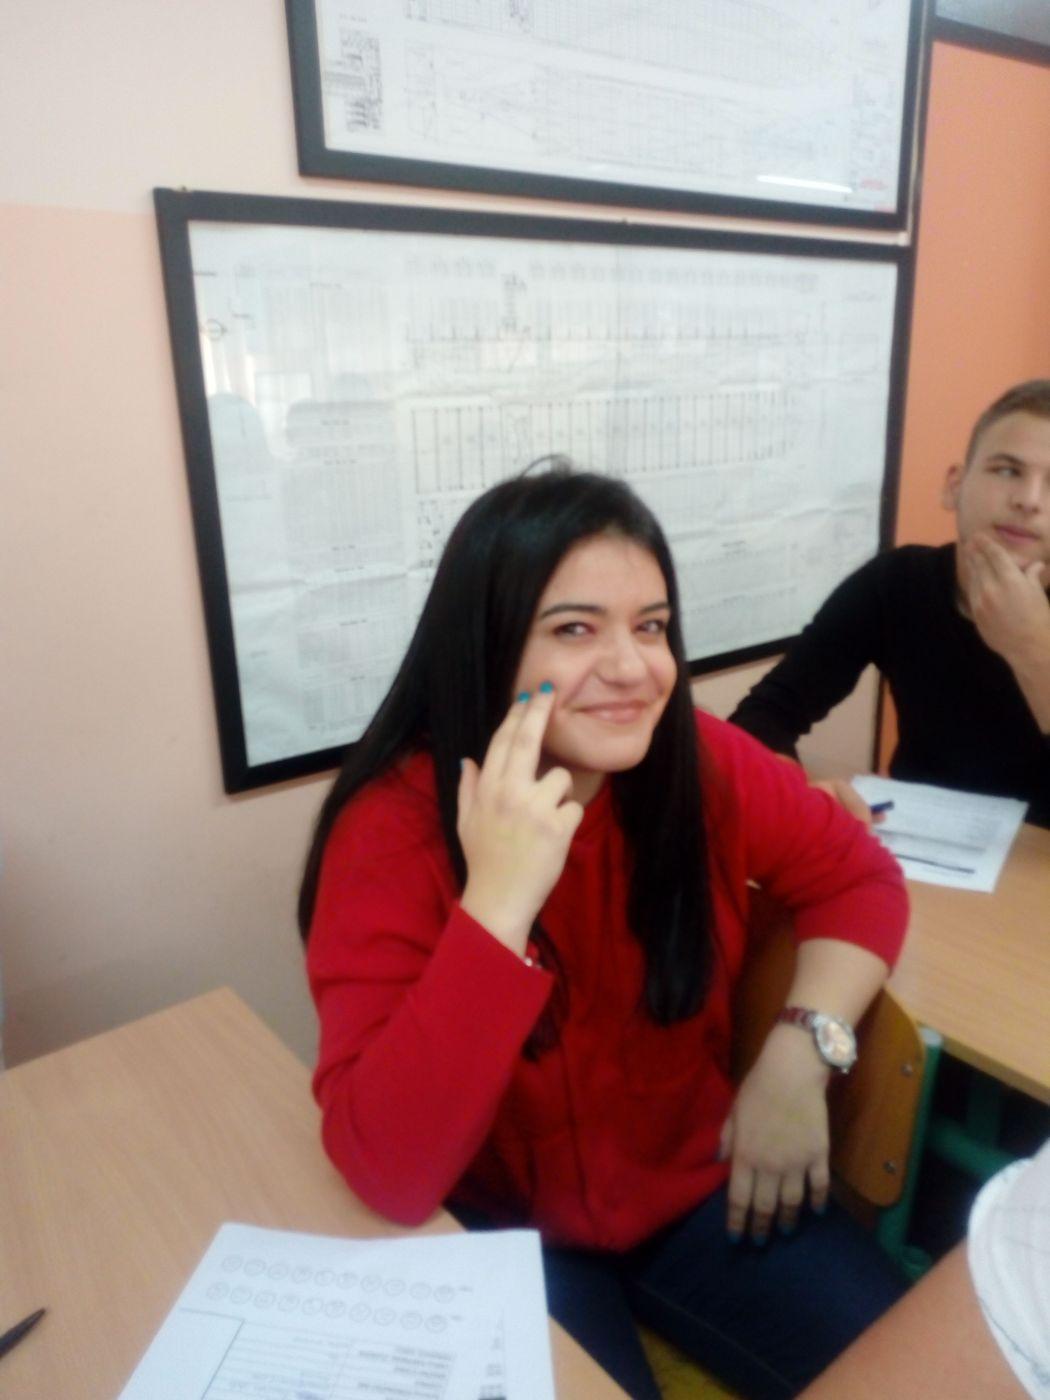 Uloga nastavnika i ucenika u prevenciji govora mrznje (1)